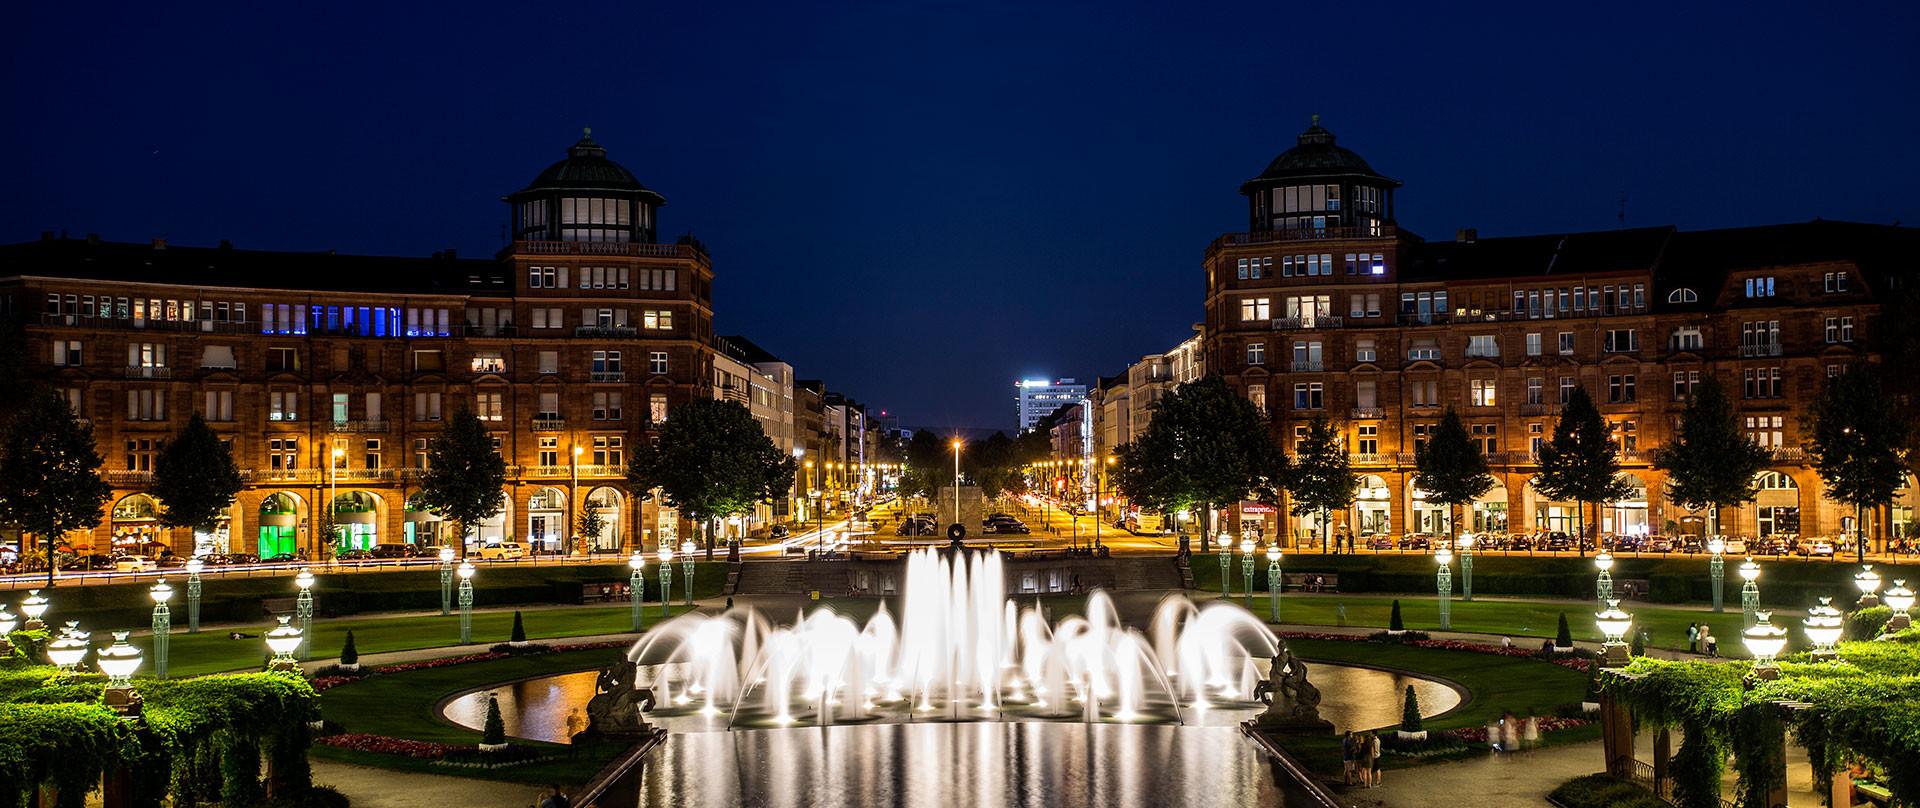 Experiência de Erasmus em Mannheim, Alemanha por Alessandro